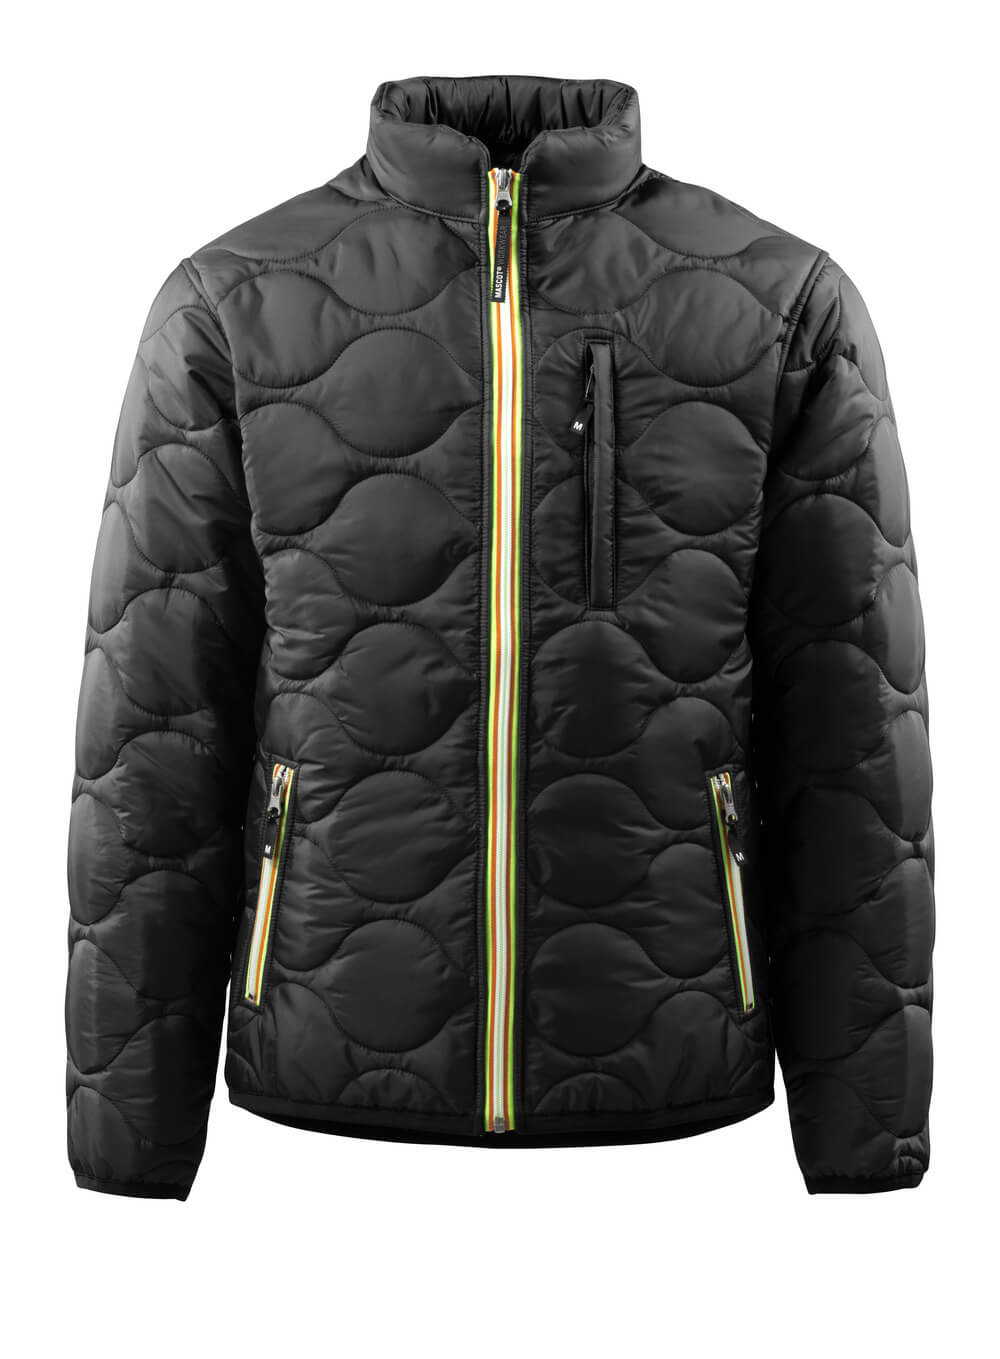 15015-998-09 Thermal Jacket - black